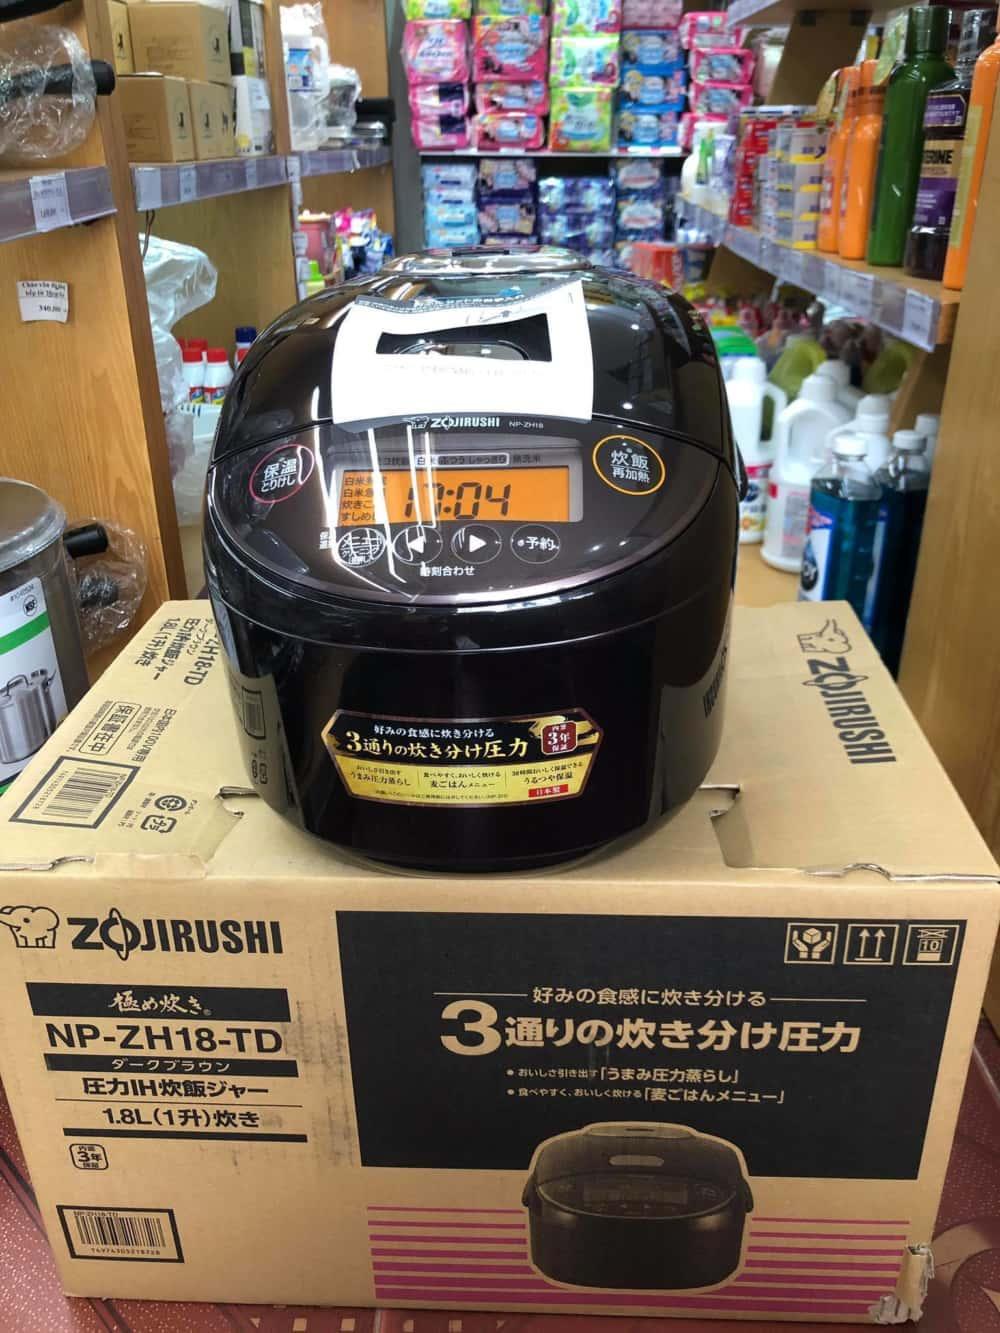 Nồi cơm điện Zojirushi NP-ZH18-TD